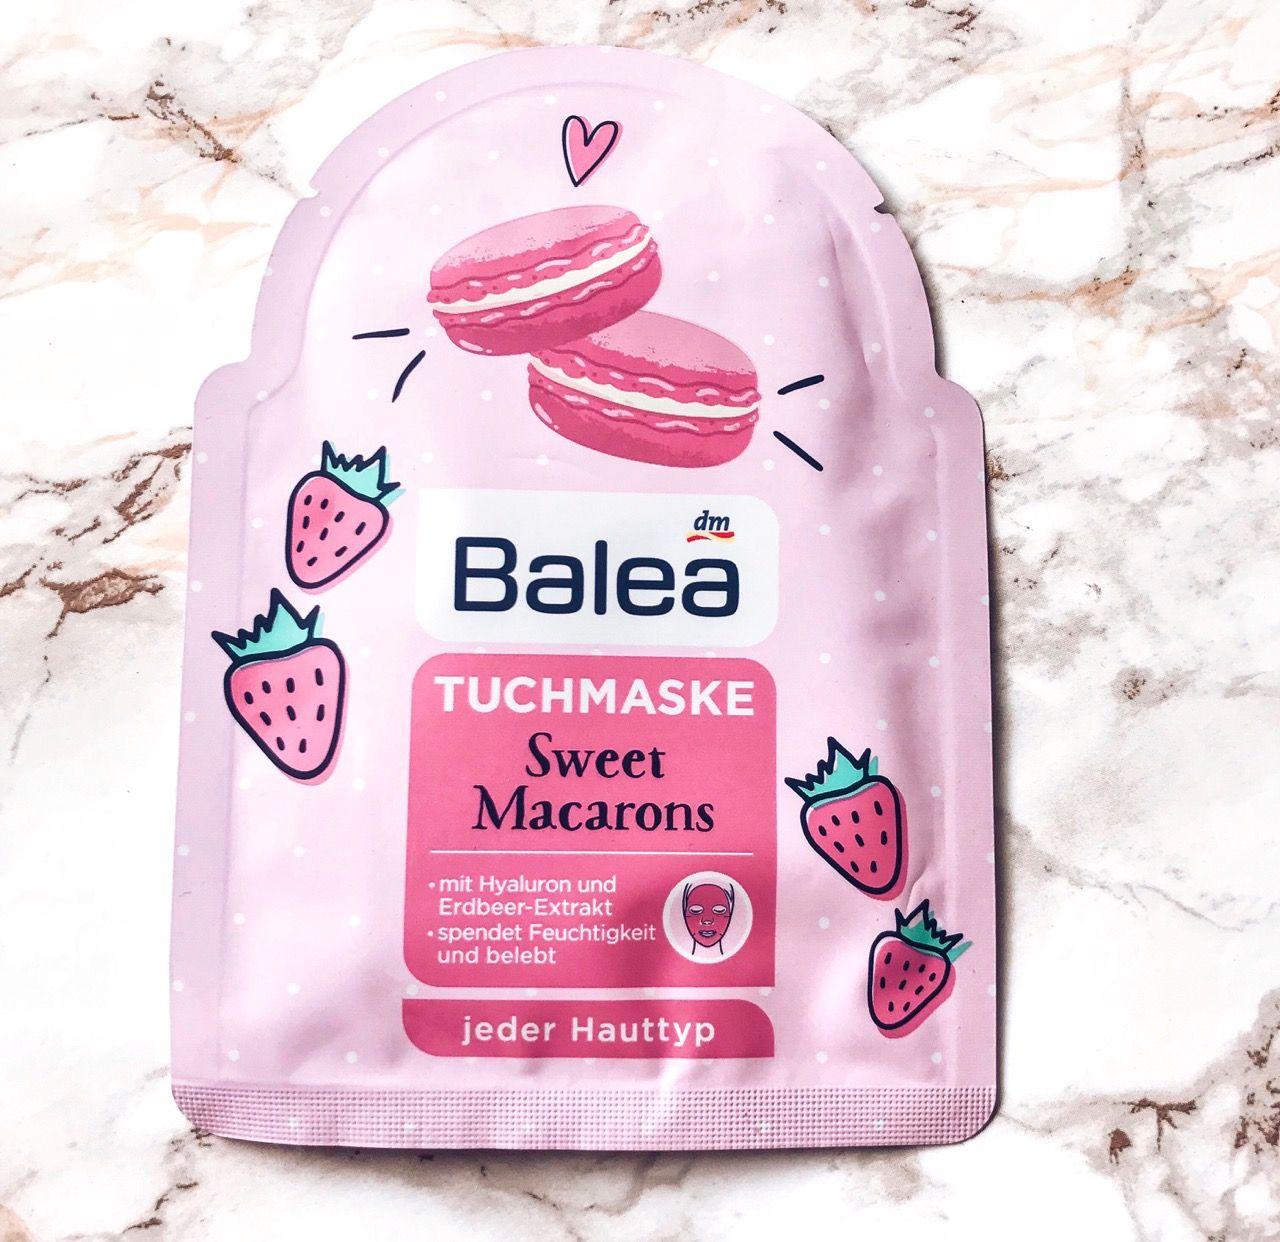 Ger Ausprobiert Balea Tuchmasken Happy Macarons Und Sweet